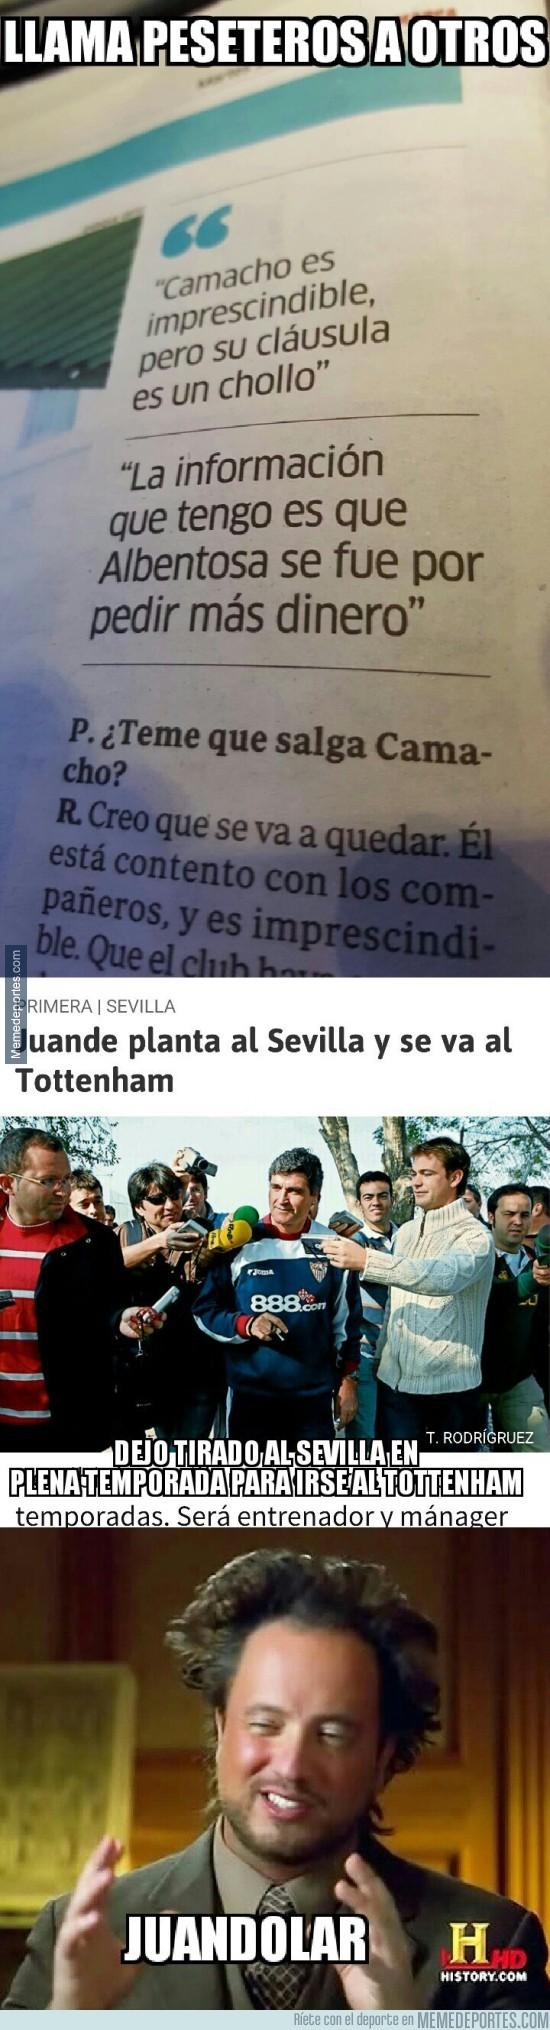 892469 - Juande Ramos va llamando peseteros a los jugadores